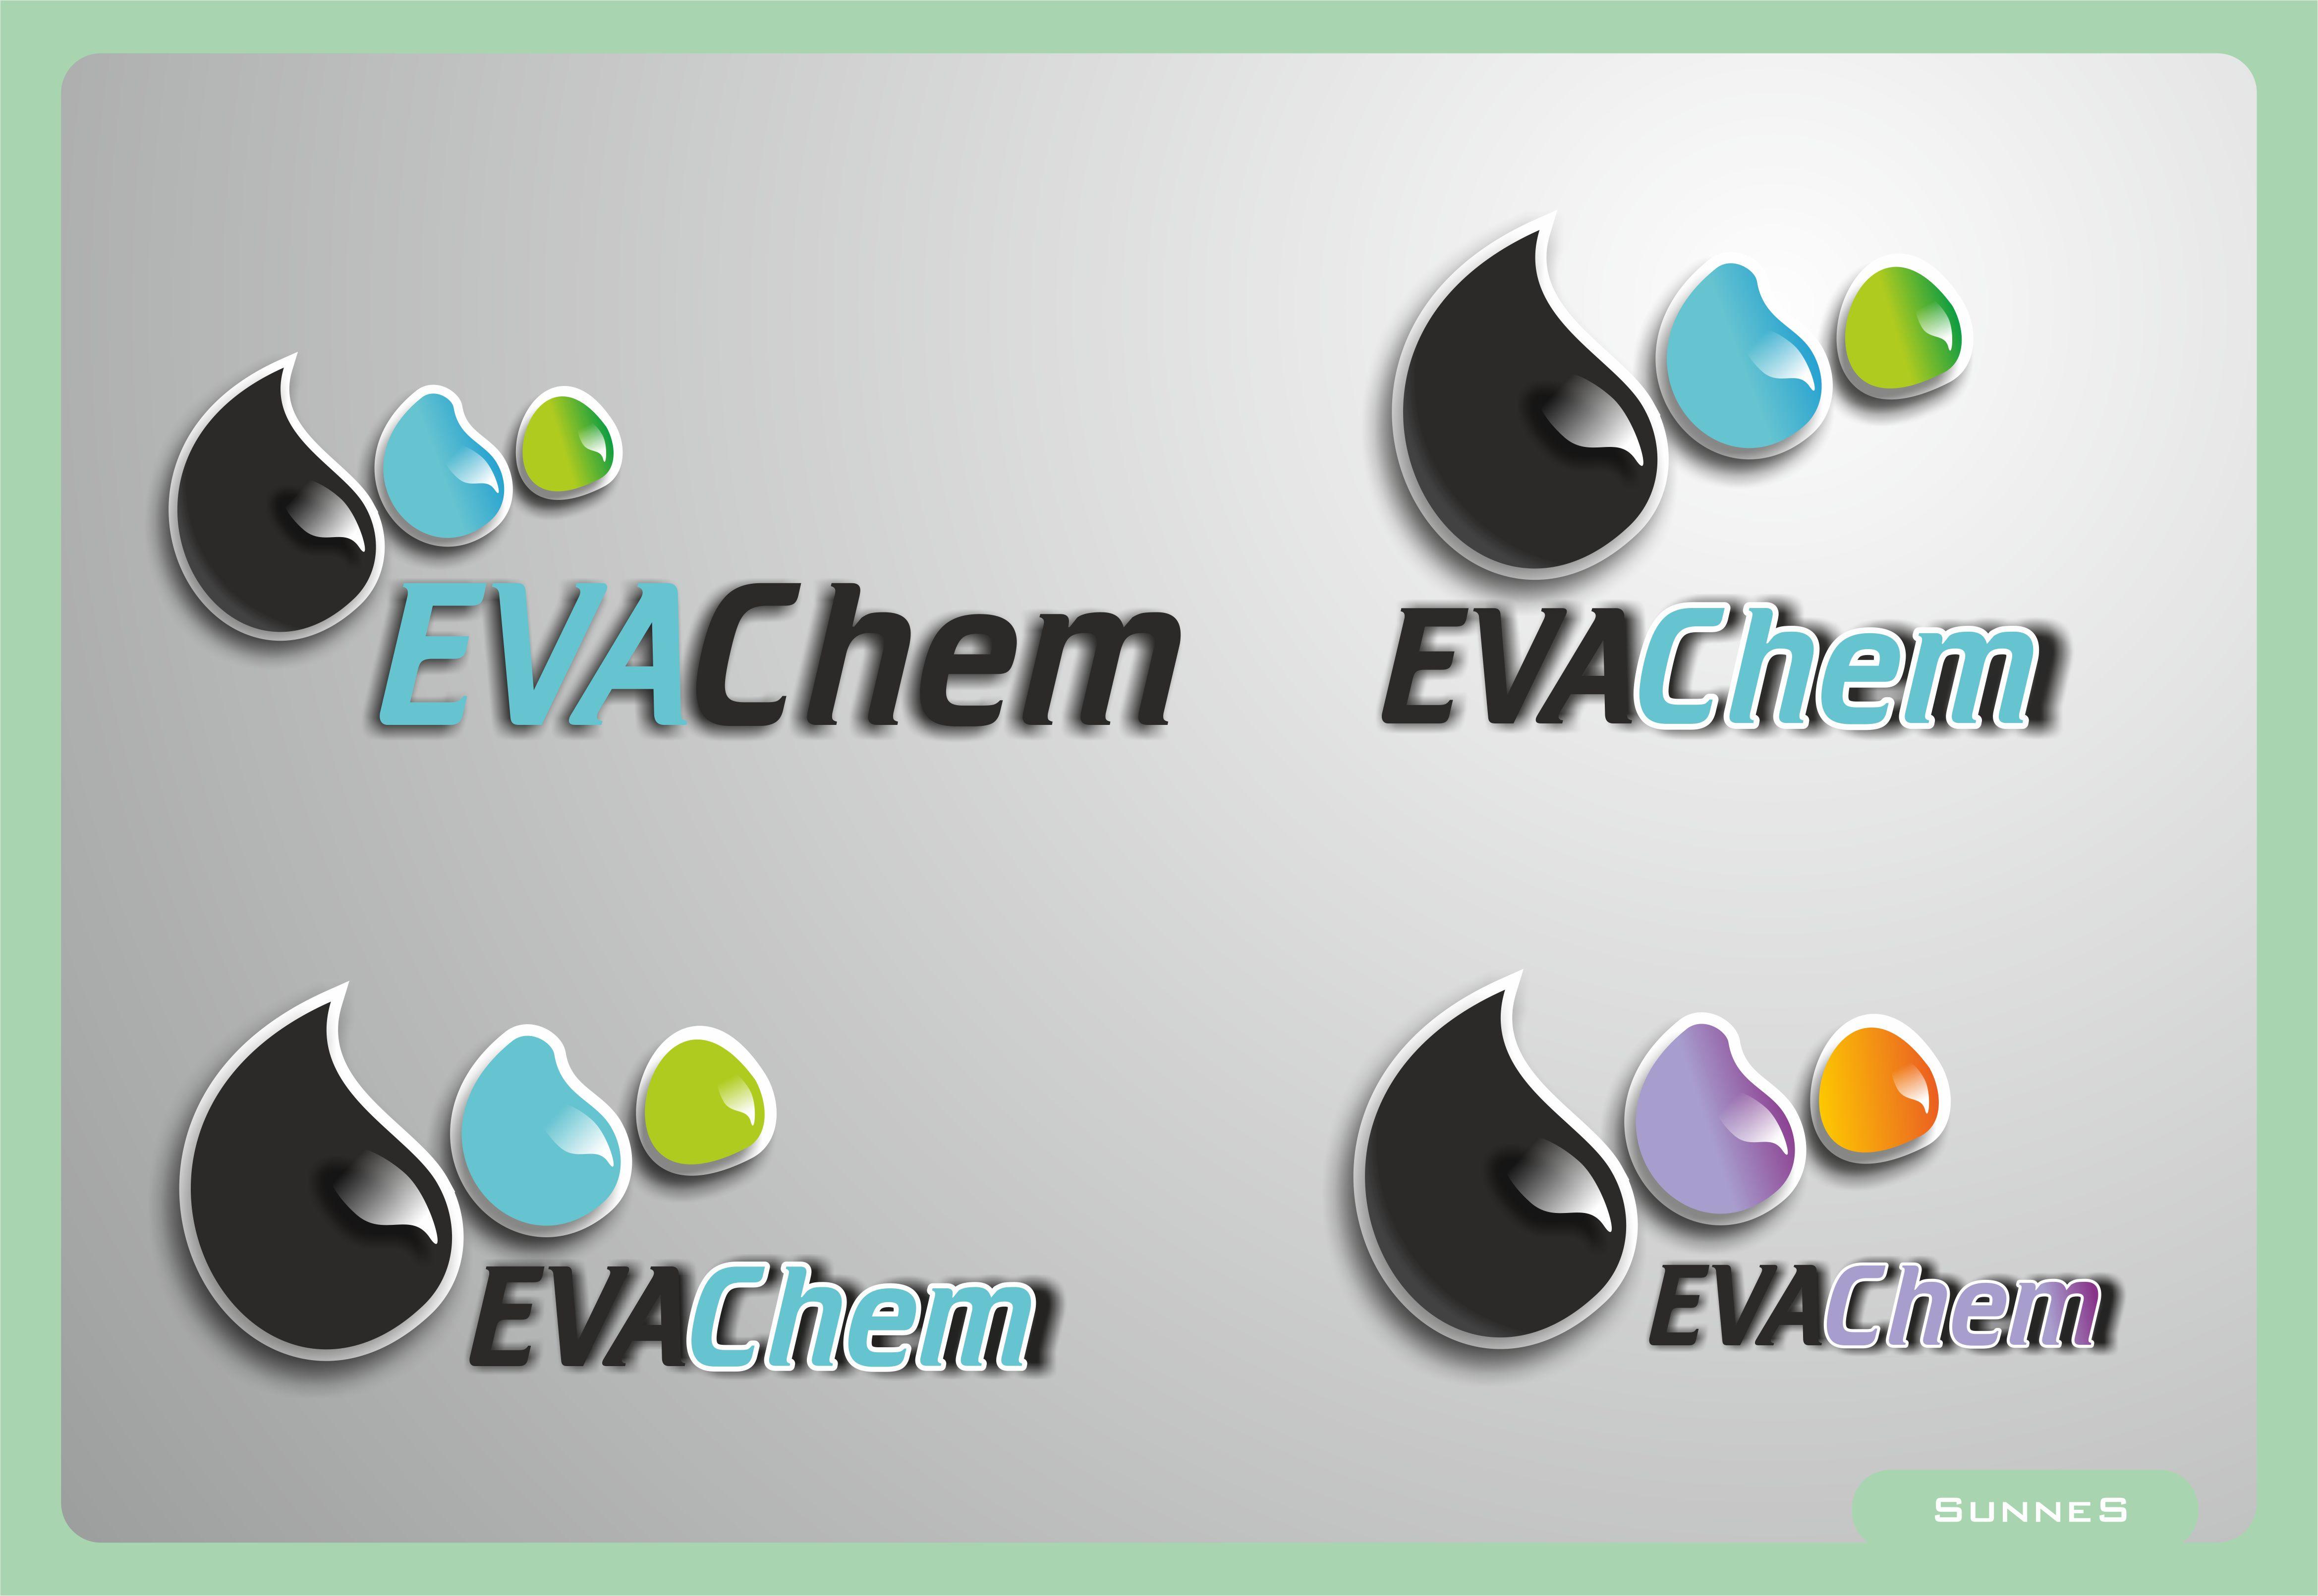 Разработка логотипа и фирменного стиля компании фото f_612572a264733af1.jpg